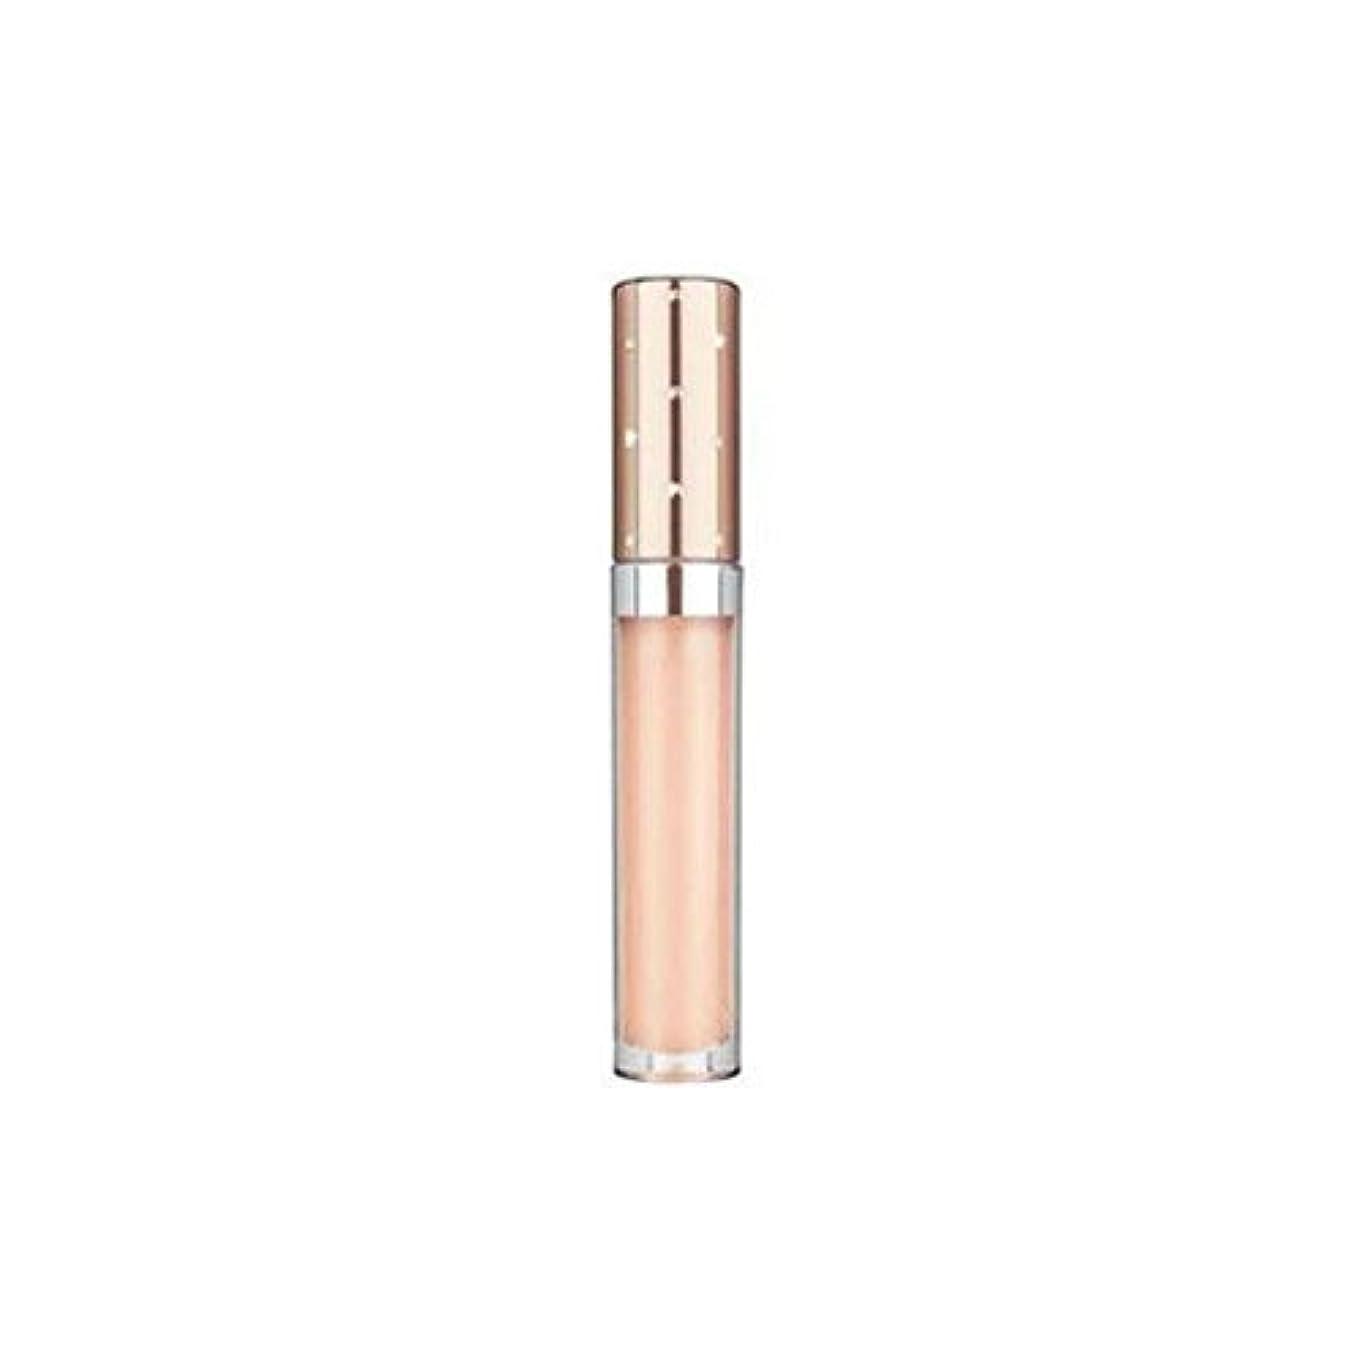 撃退するイタリックエイリアスNubo Instant Lip Perfection Spf15 (5ml) - インスタントリップパーフェクション15(5ミリリットル) [並行輸入品]